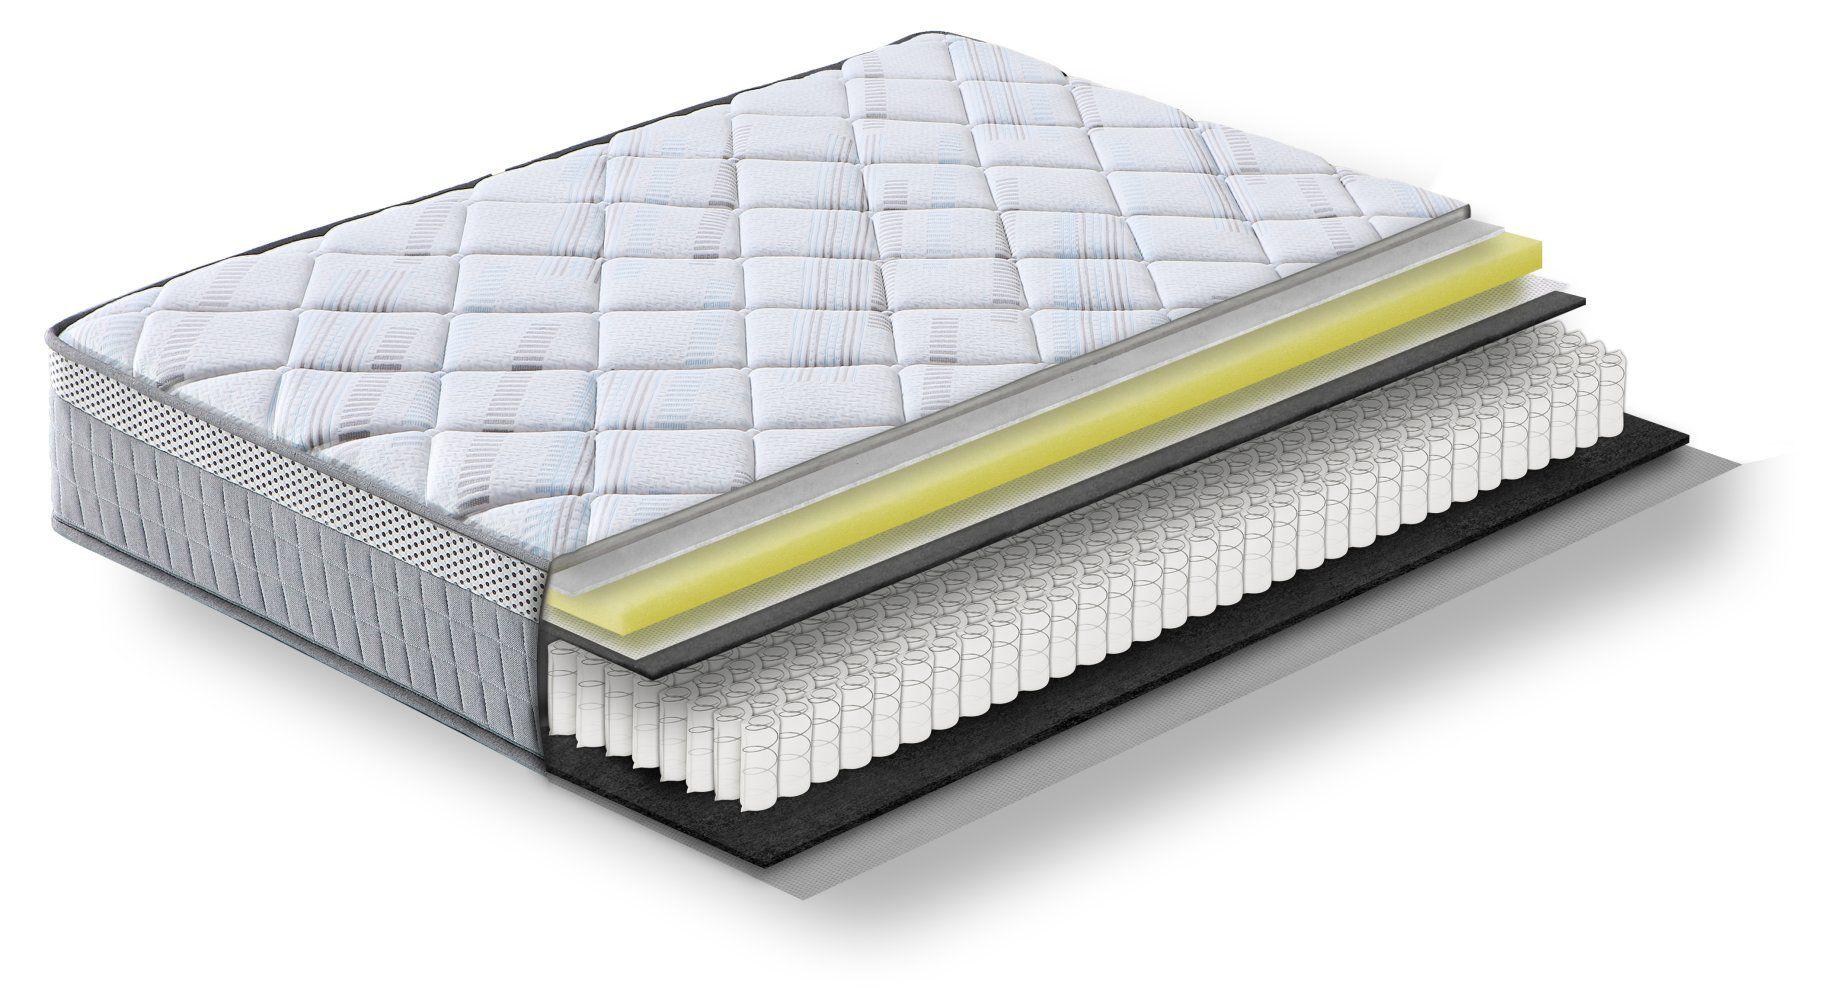 Steiner Premium Matratze Wonder mit Taschenfederkern - Größe: 120 x 200 cm, Härtegrad H3, Höhe: 25 cm